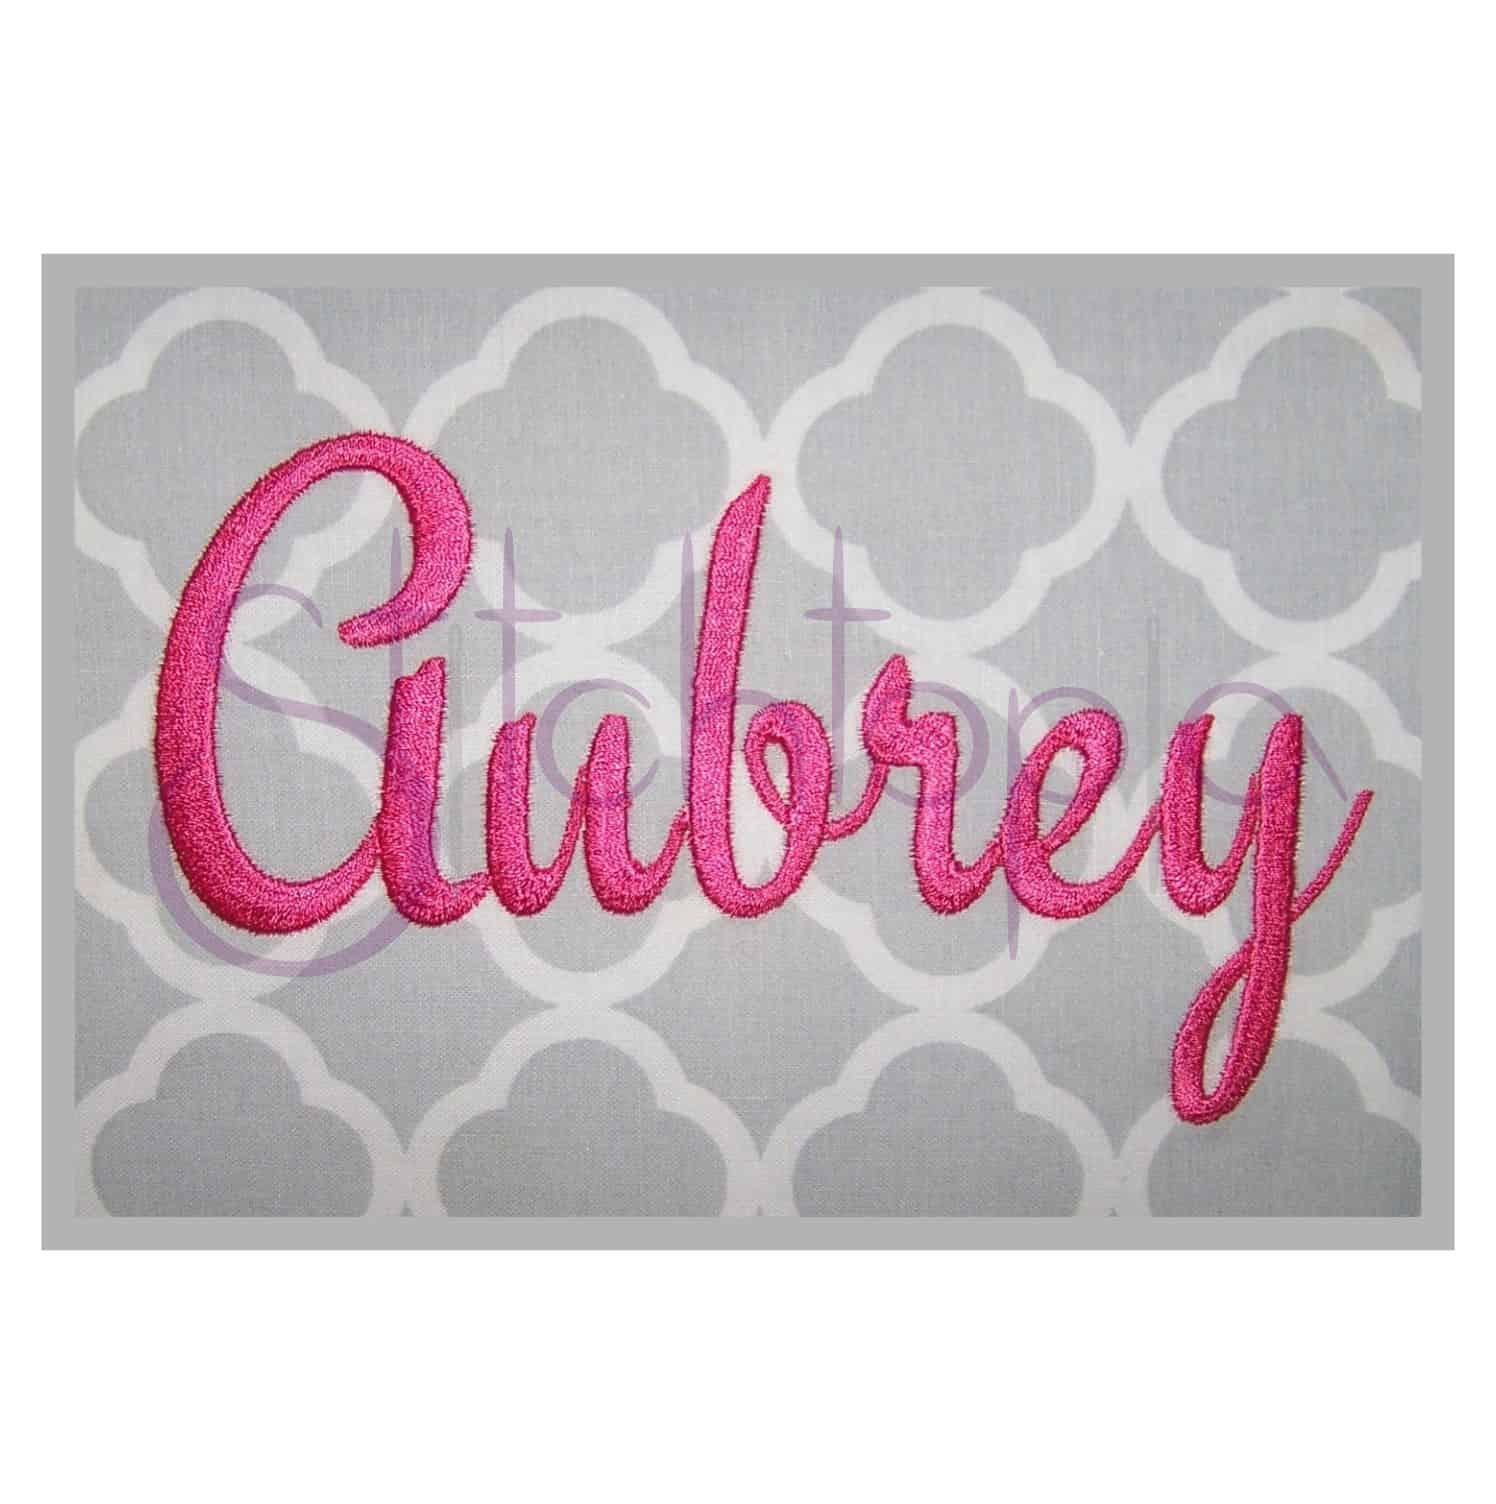 aubrey embroidery font set